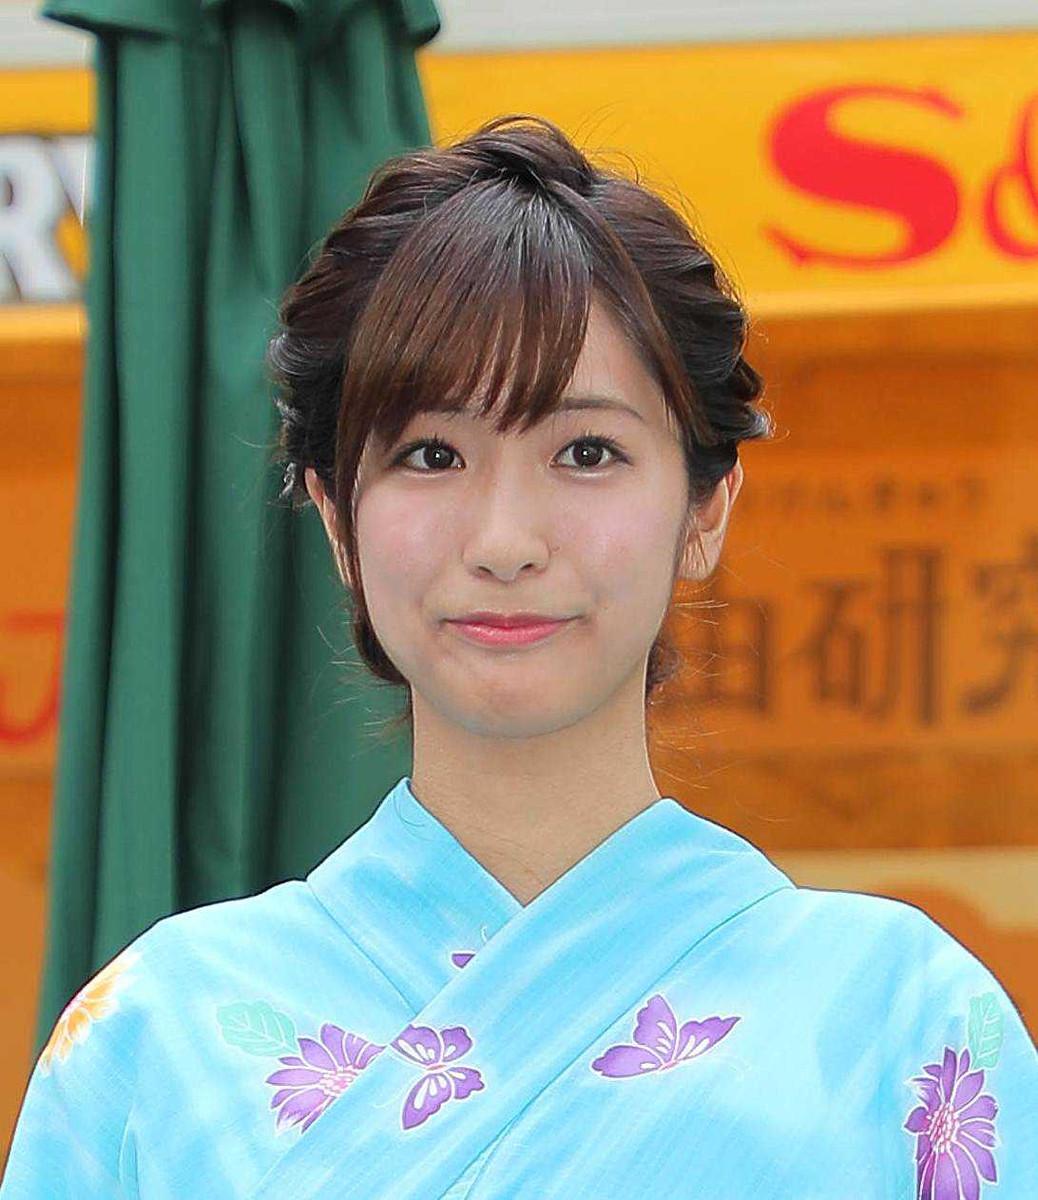 TBS田村真子アナ 首付近の痛み訴え「横や下向くのが痛い」 心配